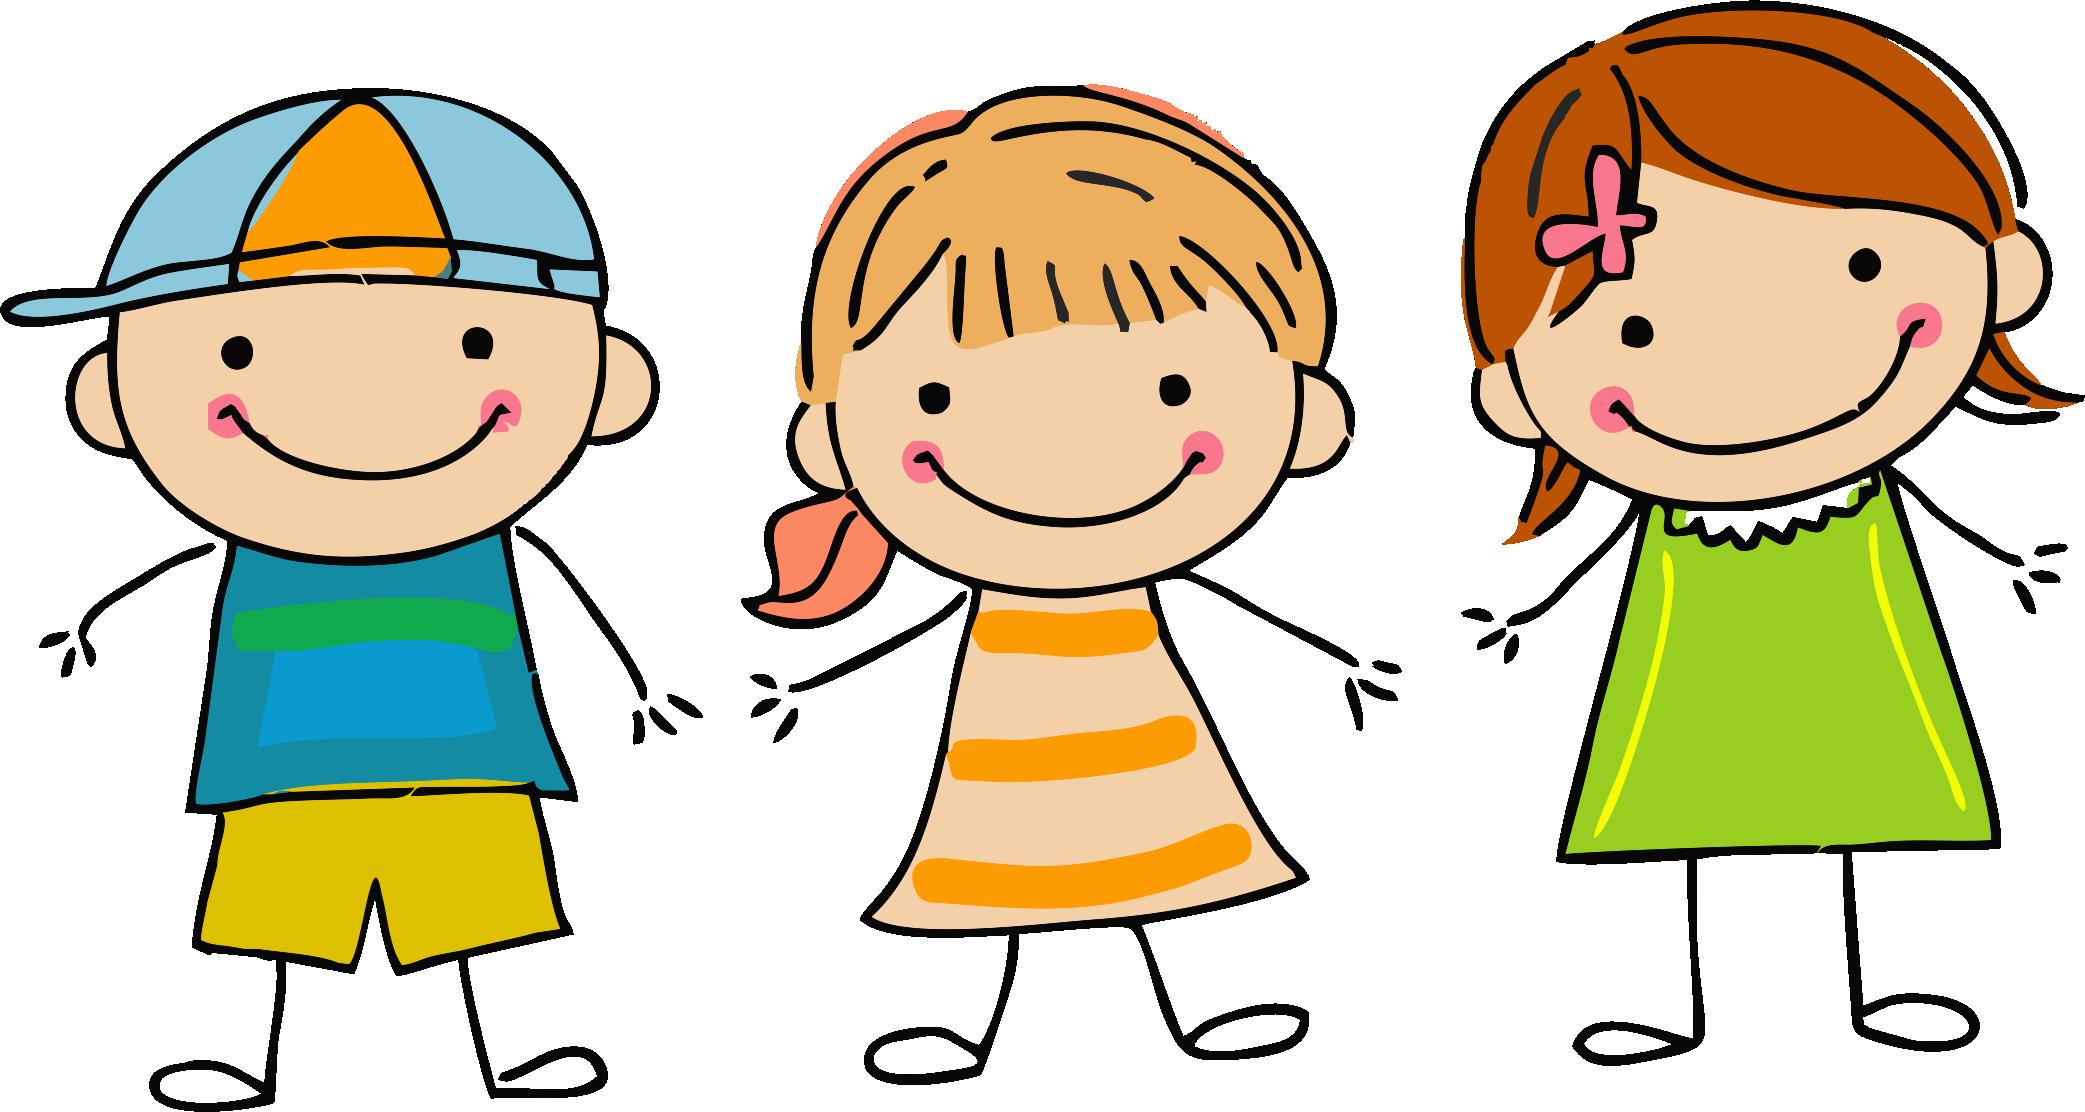 Friendly clipart group child. Home clandeboye preschool handdrawnkids